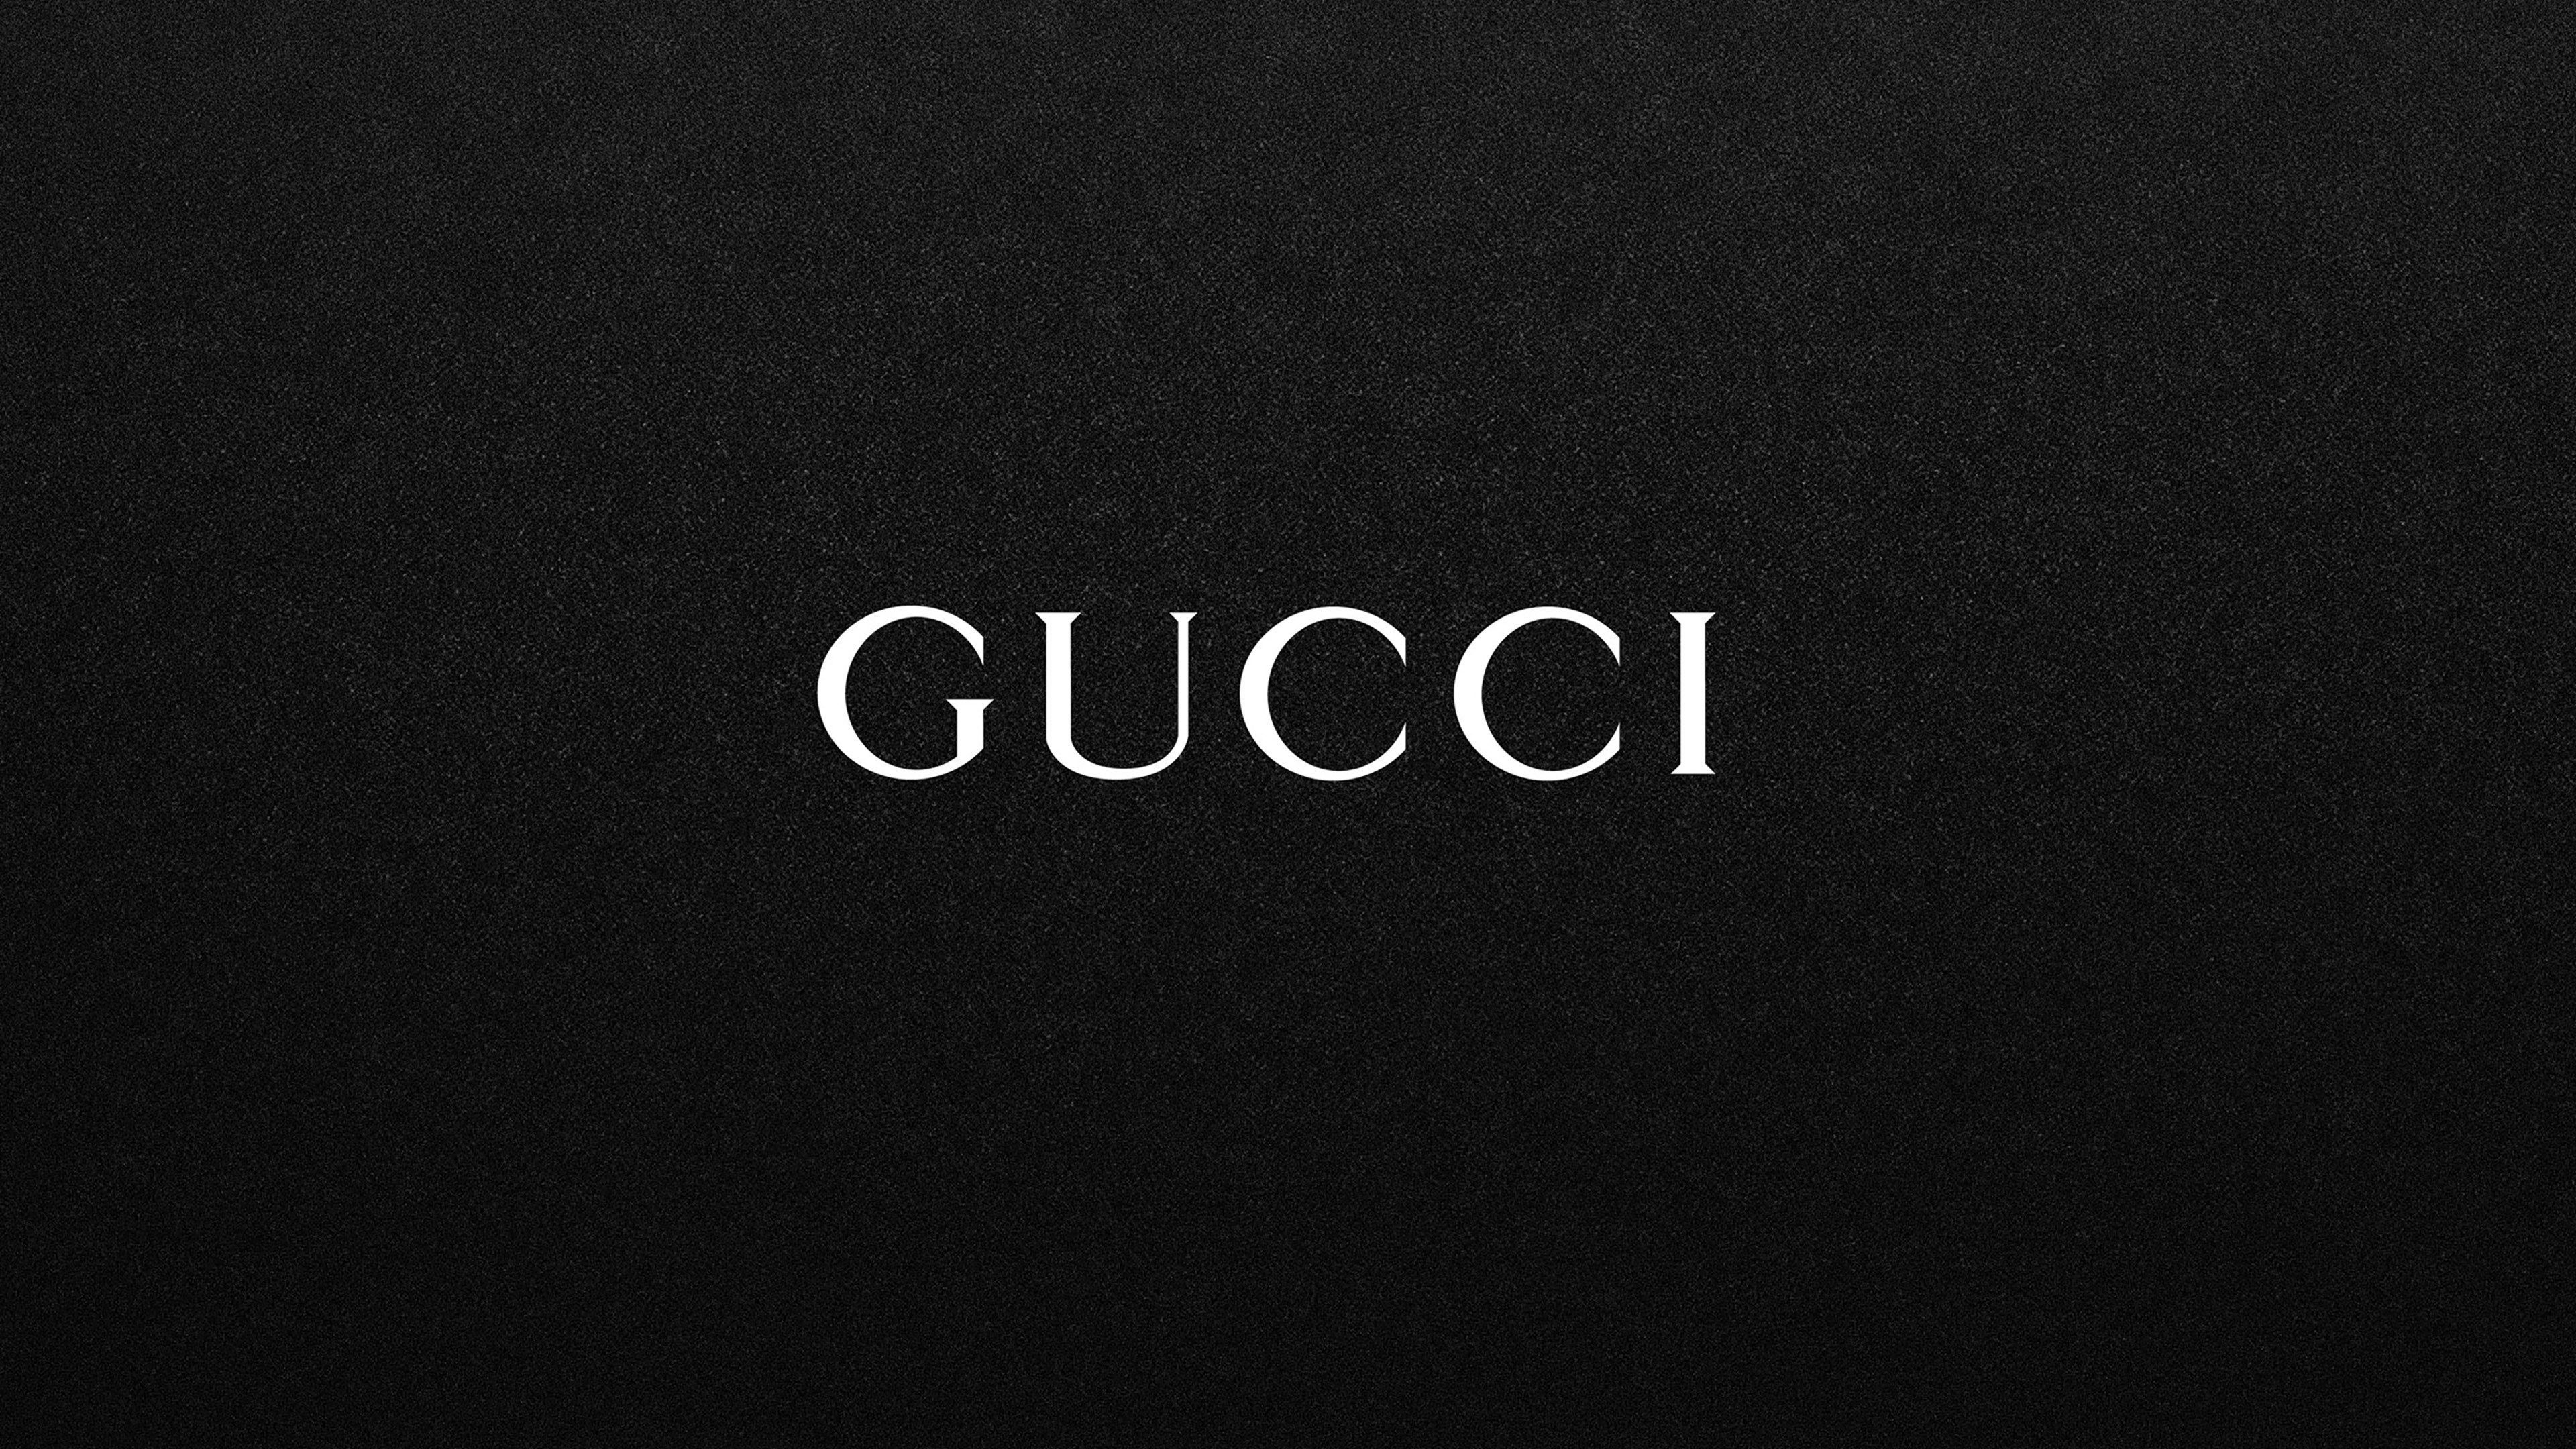 gucci white logo on black background Logo wallpaper hd